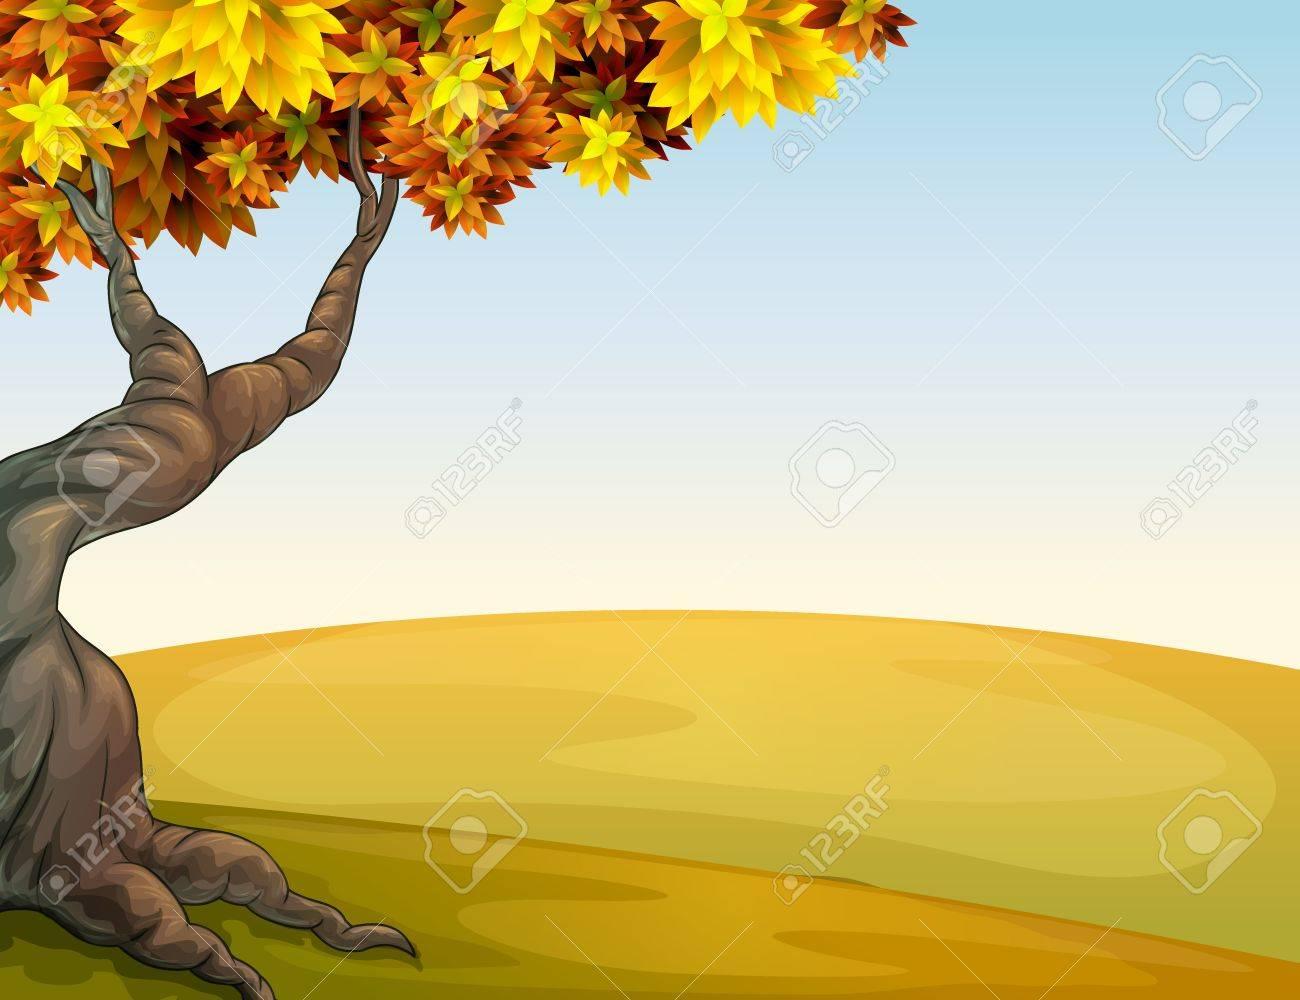 Illustration of an autumn scenery Stock Vector - 17895617